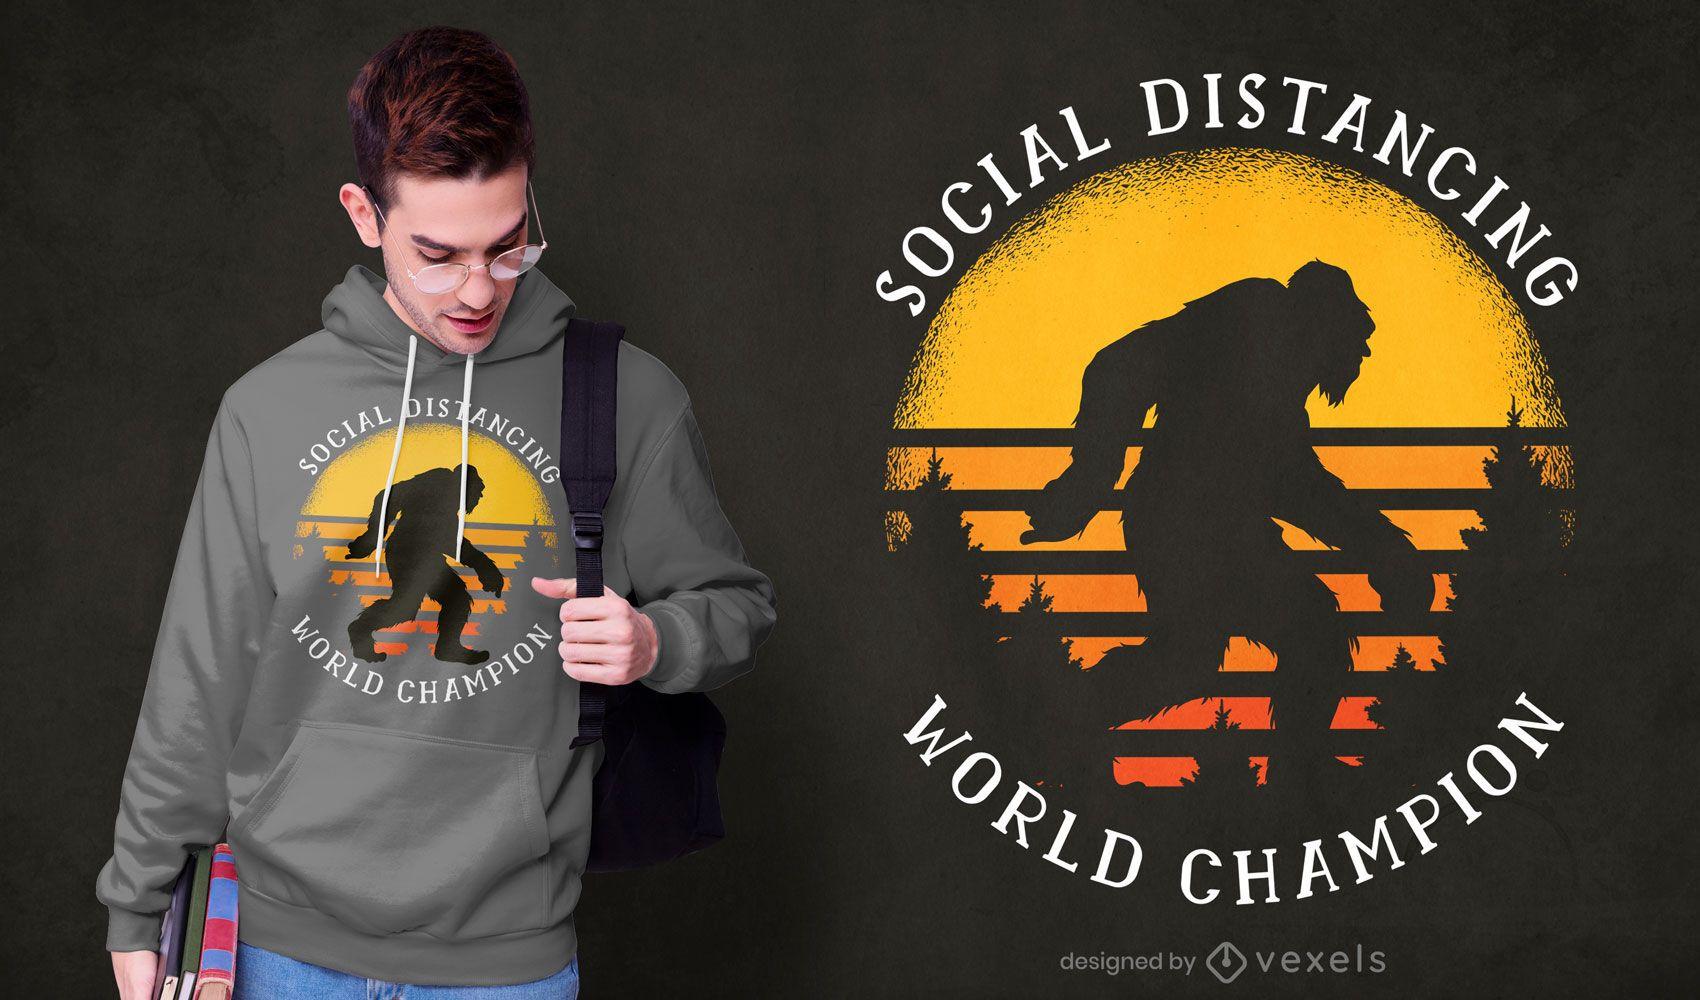 Social distancing bigfoot t-shirt design